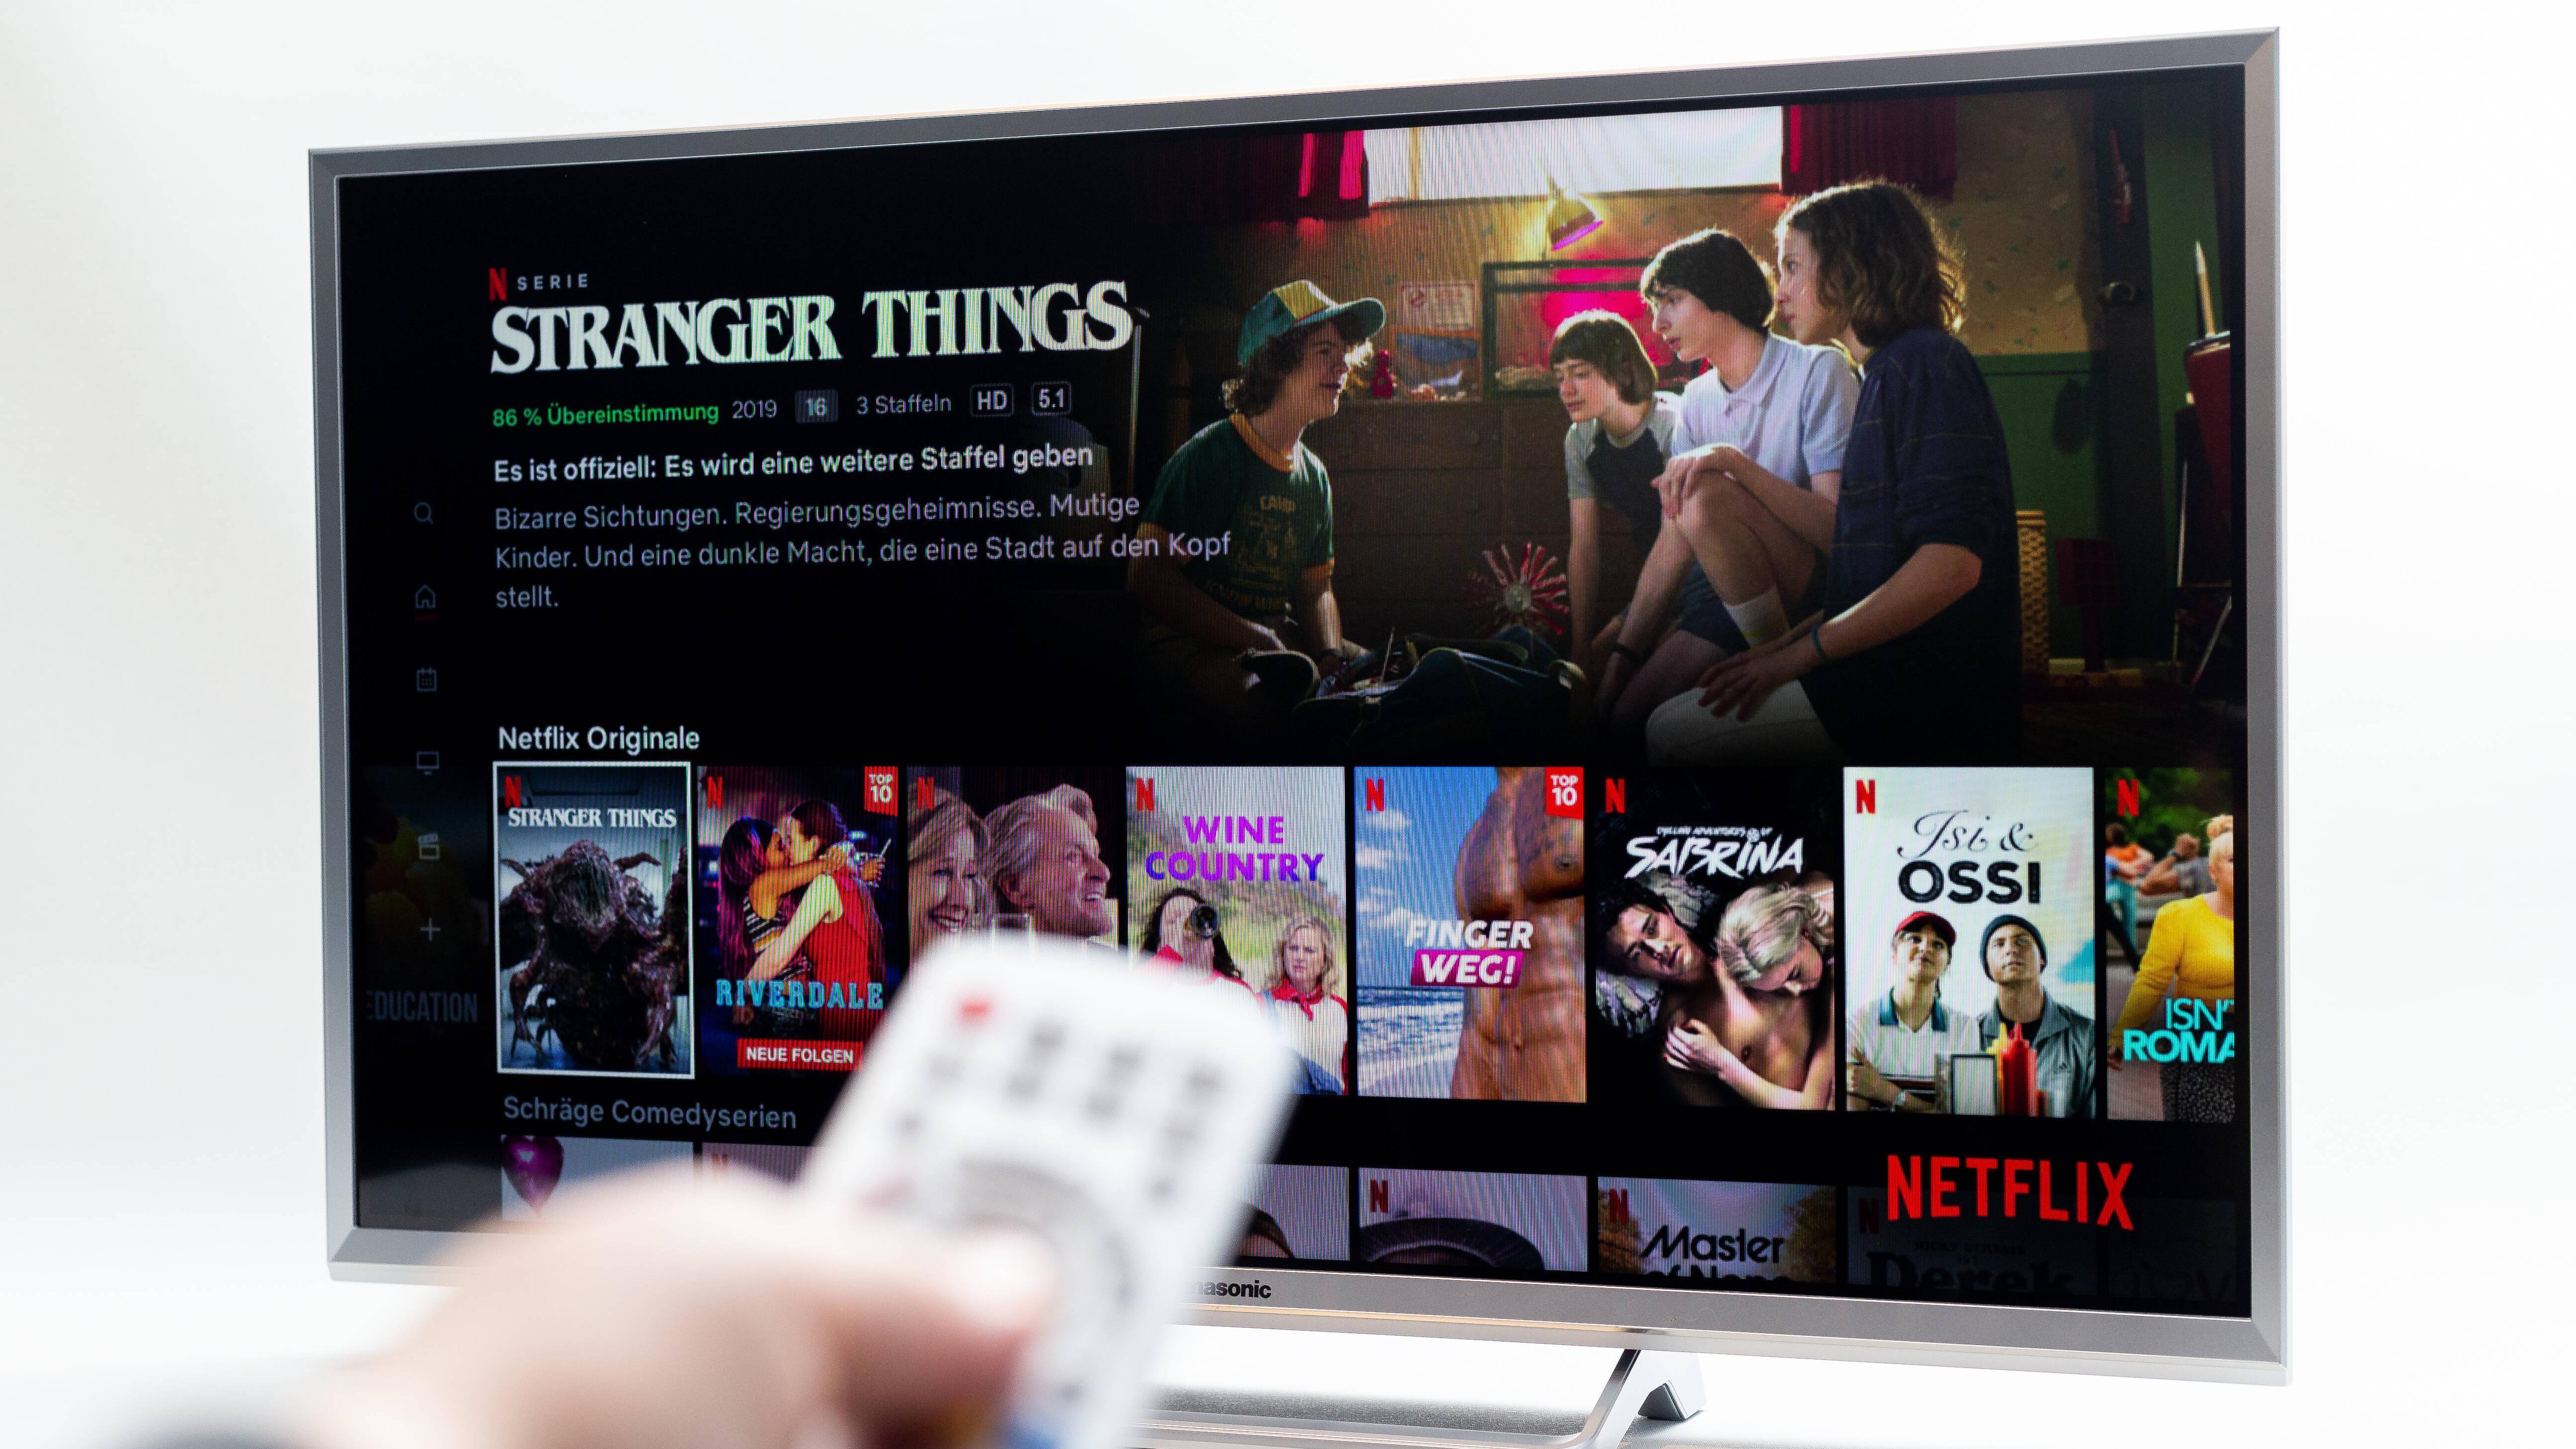 Samsung TV: Von Netflix abmelden - so geht's